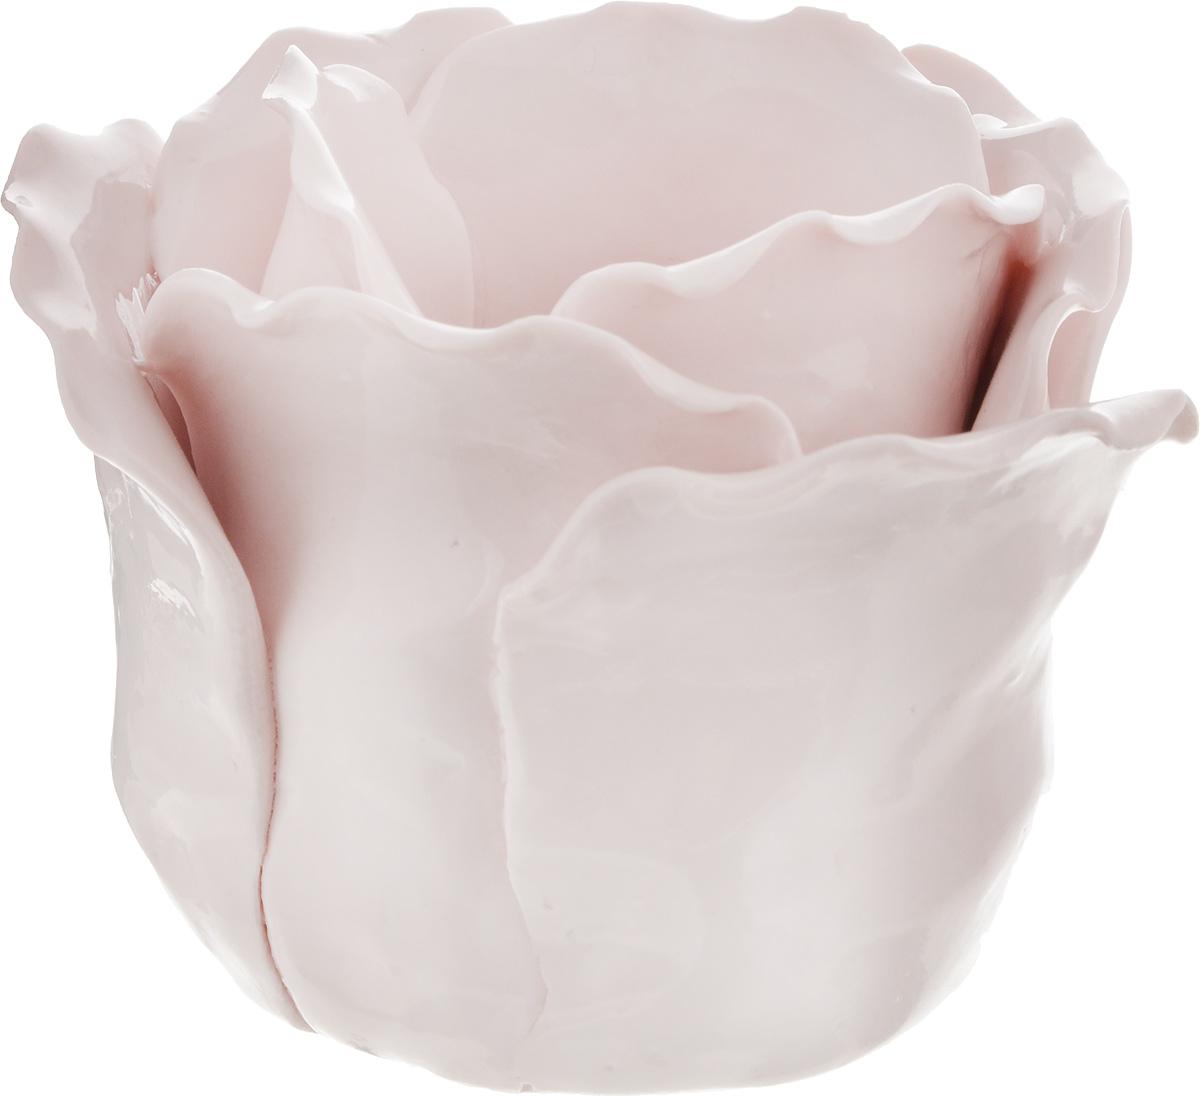 Подсвечник декоративный Феникс-Презент, цвет: розовый, 8,5 х 8,5 х 7,5 см43841Декоративный подсвечник Феникс-Презент изготовлен из фарфора. Подсвечник предназначен для одной свечи. Стильный и изысканный подсвечник позволит украсить интерьер дома или рабочего кабинета оригинальным образом.Вы можете поставить подсвечник в любом месте, где он будет удачно смотреться и радовать глаз. Кроме того - это отличный вариант подарка для ваших близких и друзей. Диаметр отверстия для свечи: 4,5 см.